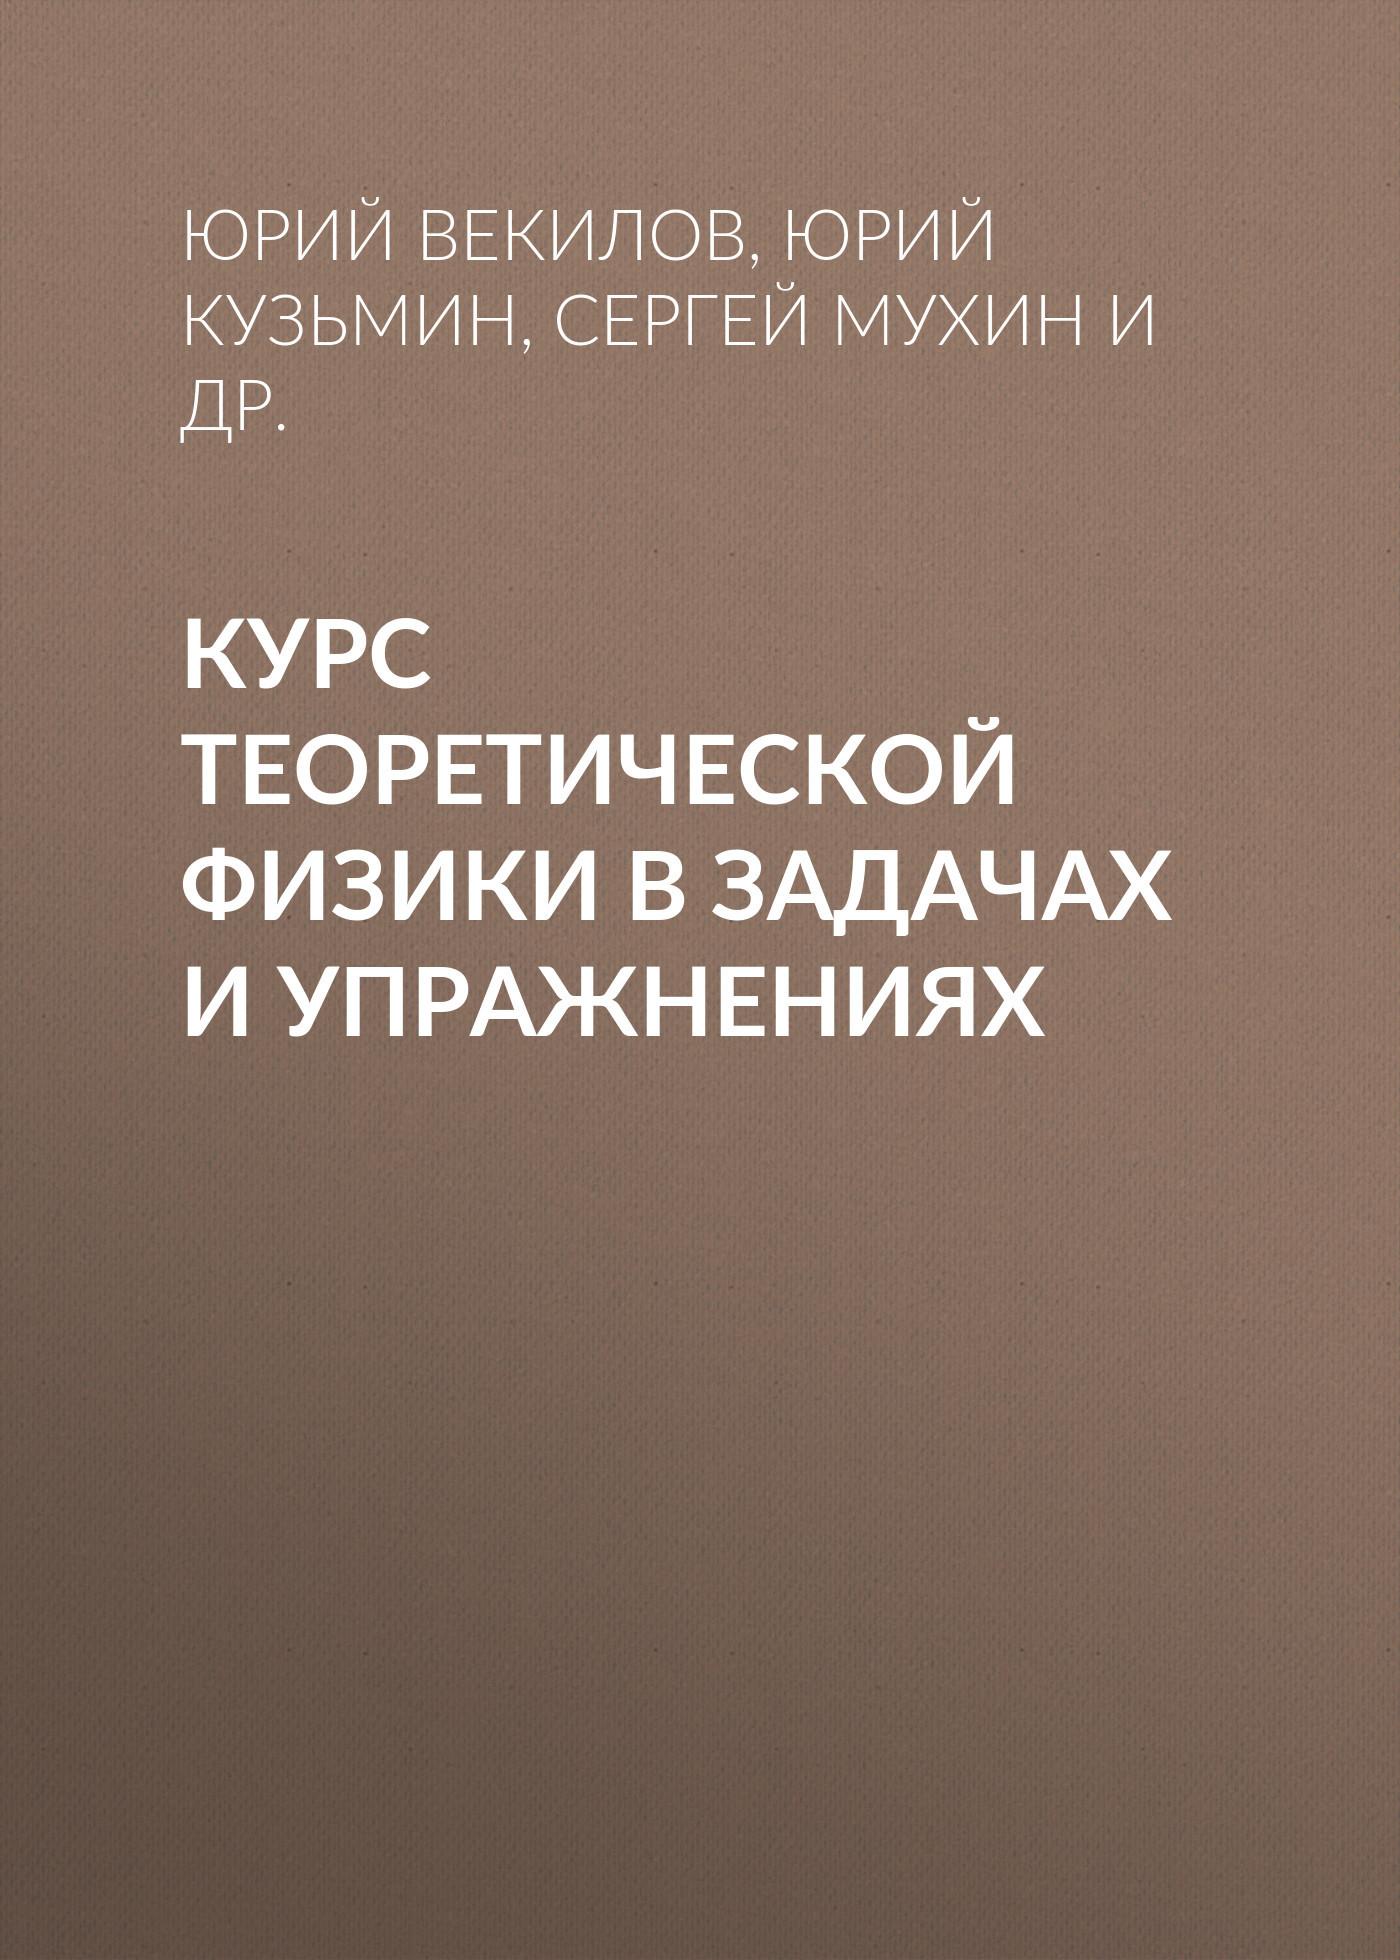 Юрий Векилов Курс теоретической физики в задачах и упражнениях аллингем м теория выбора очень краткое введение